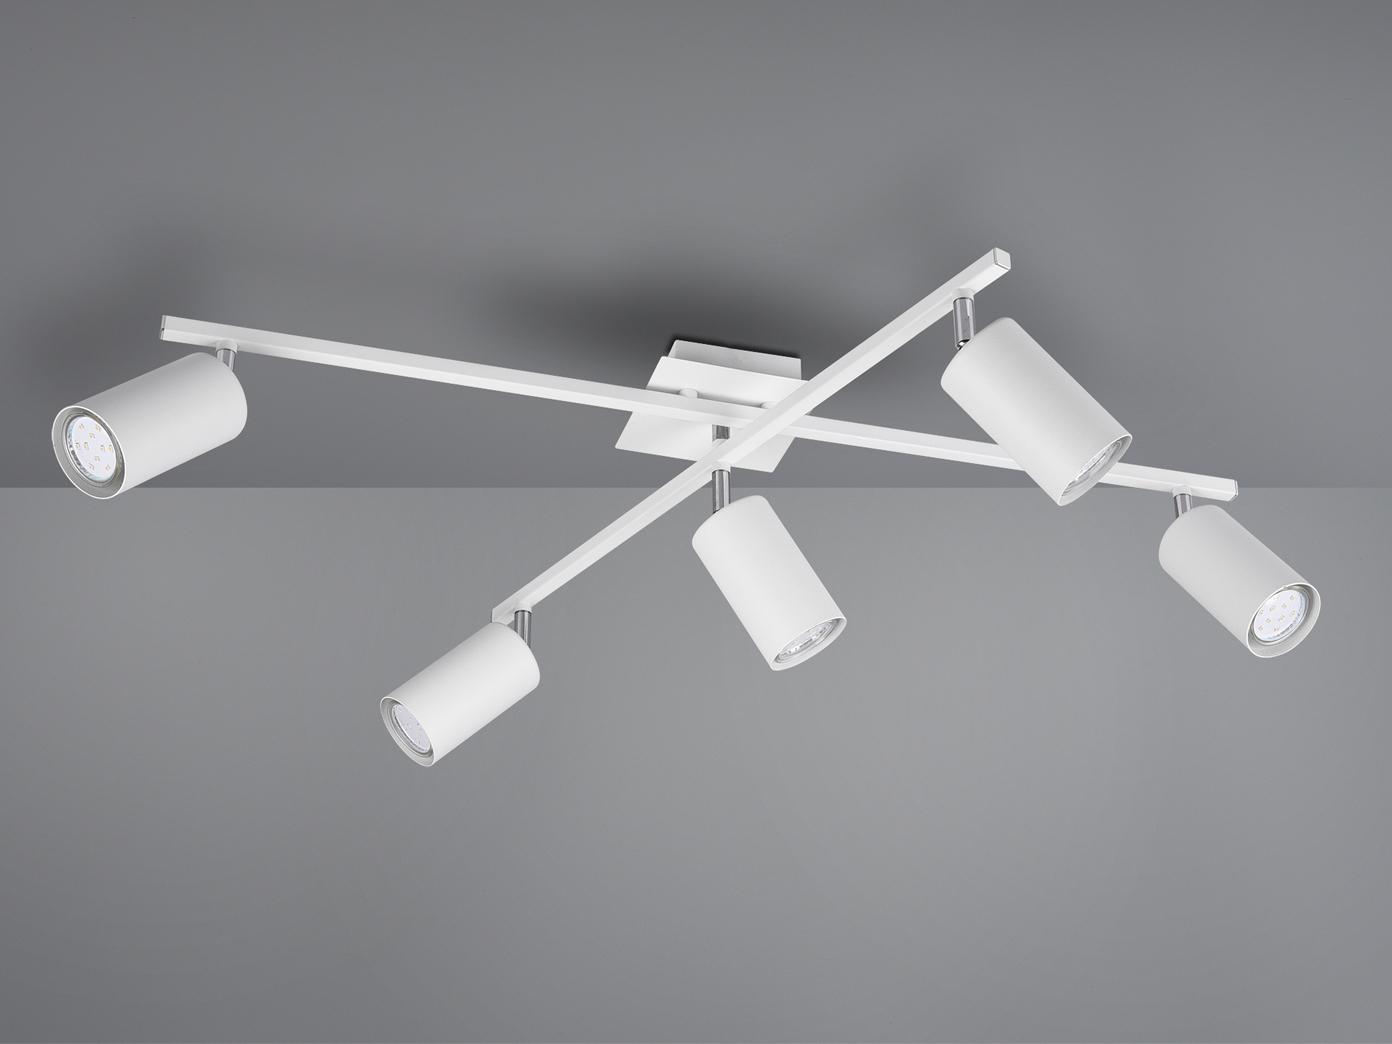 Deckenstrahler mit 20 Spots für Wohnzimmer, Schlafzimmer & Küche aus weißem  Metall